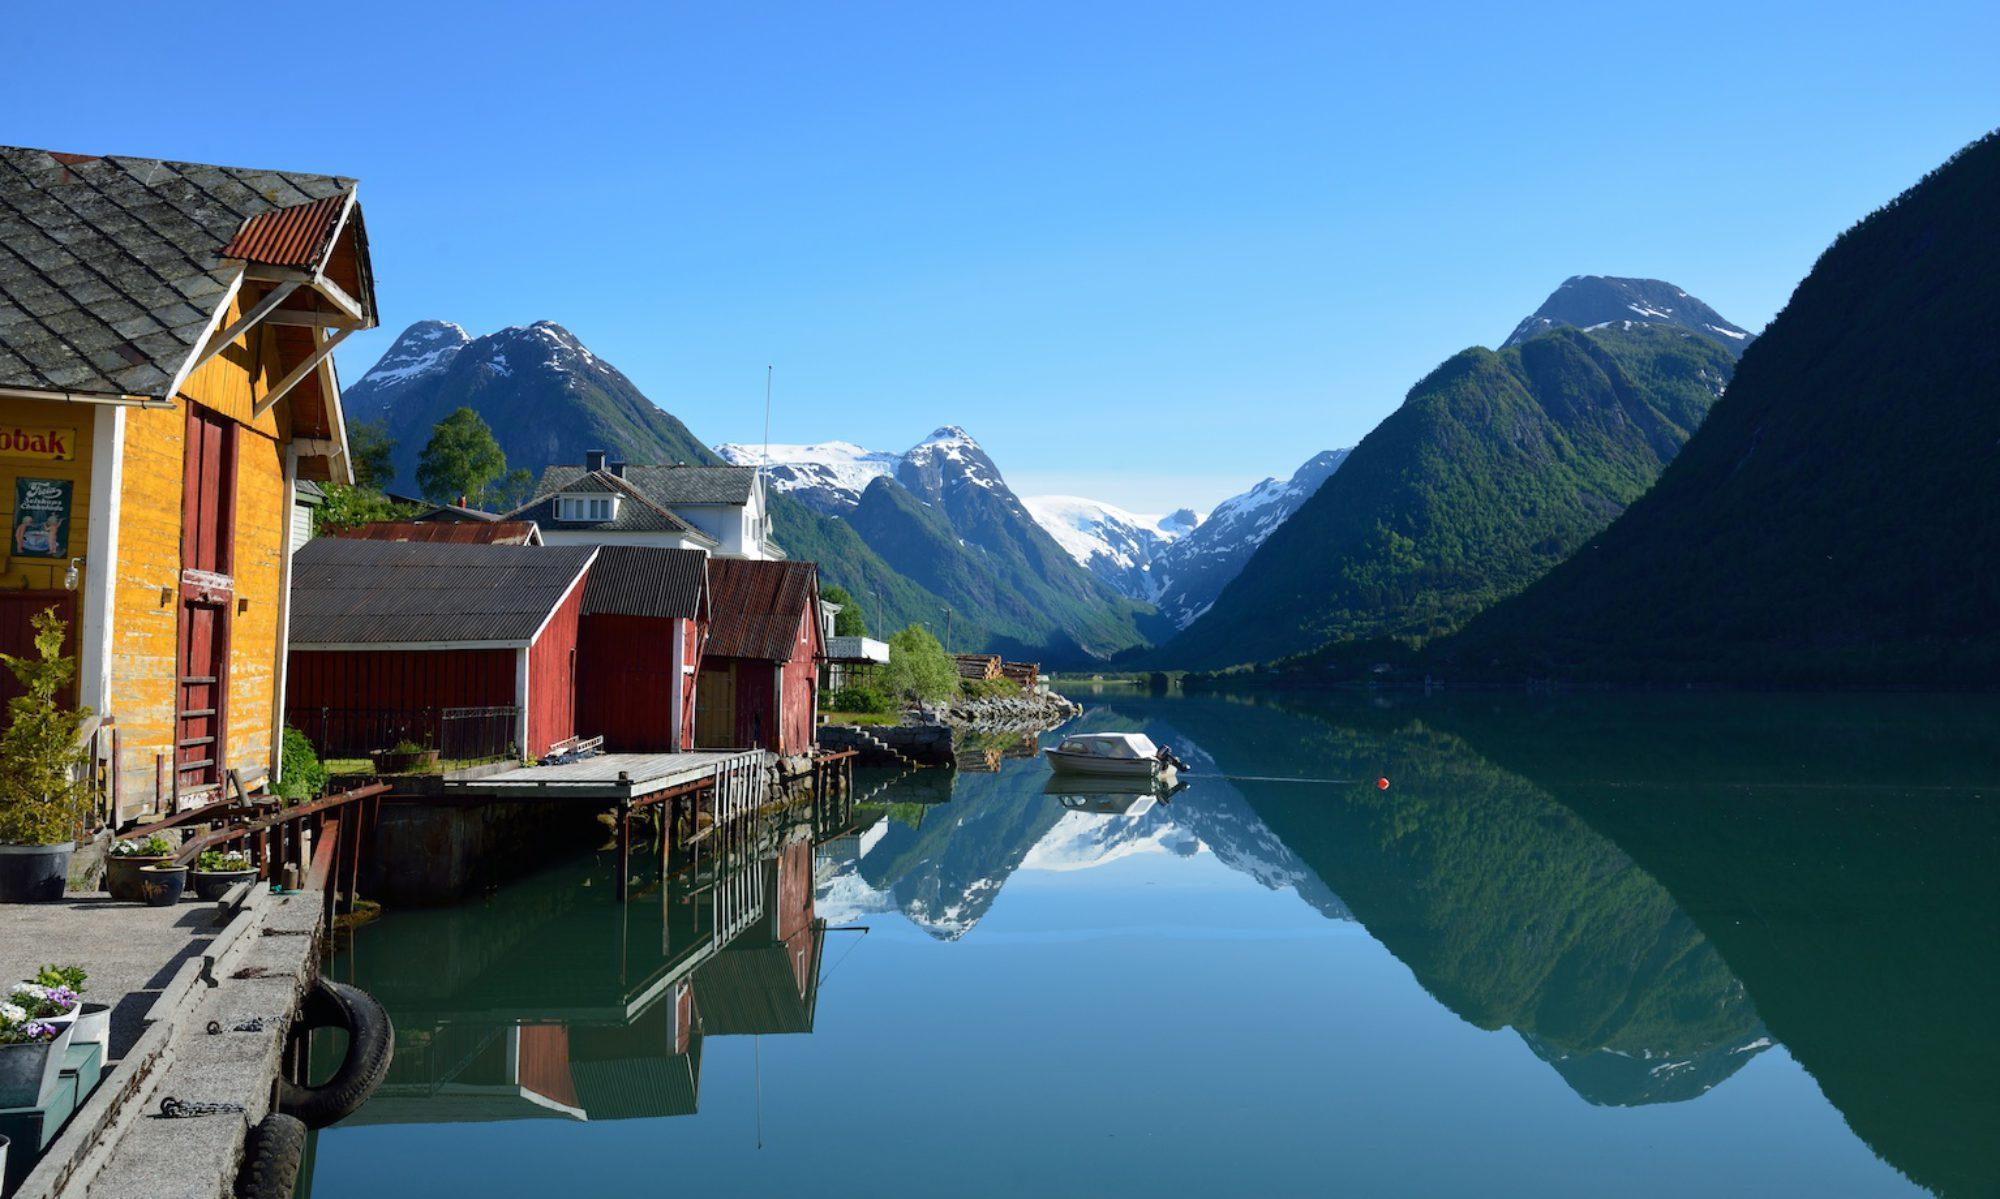 Fjærland and the Fjærlandsfjord